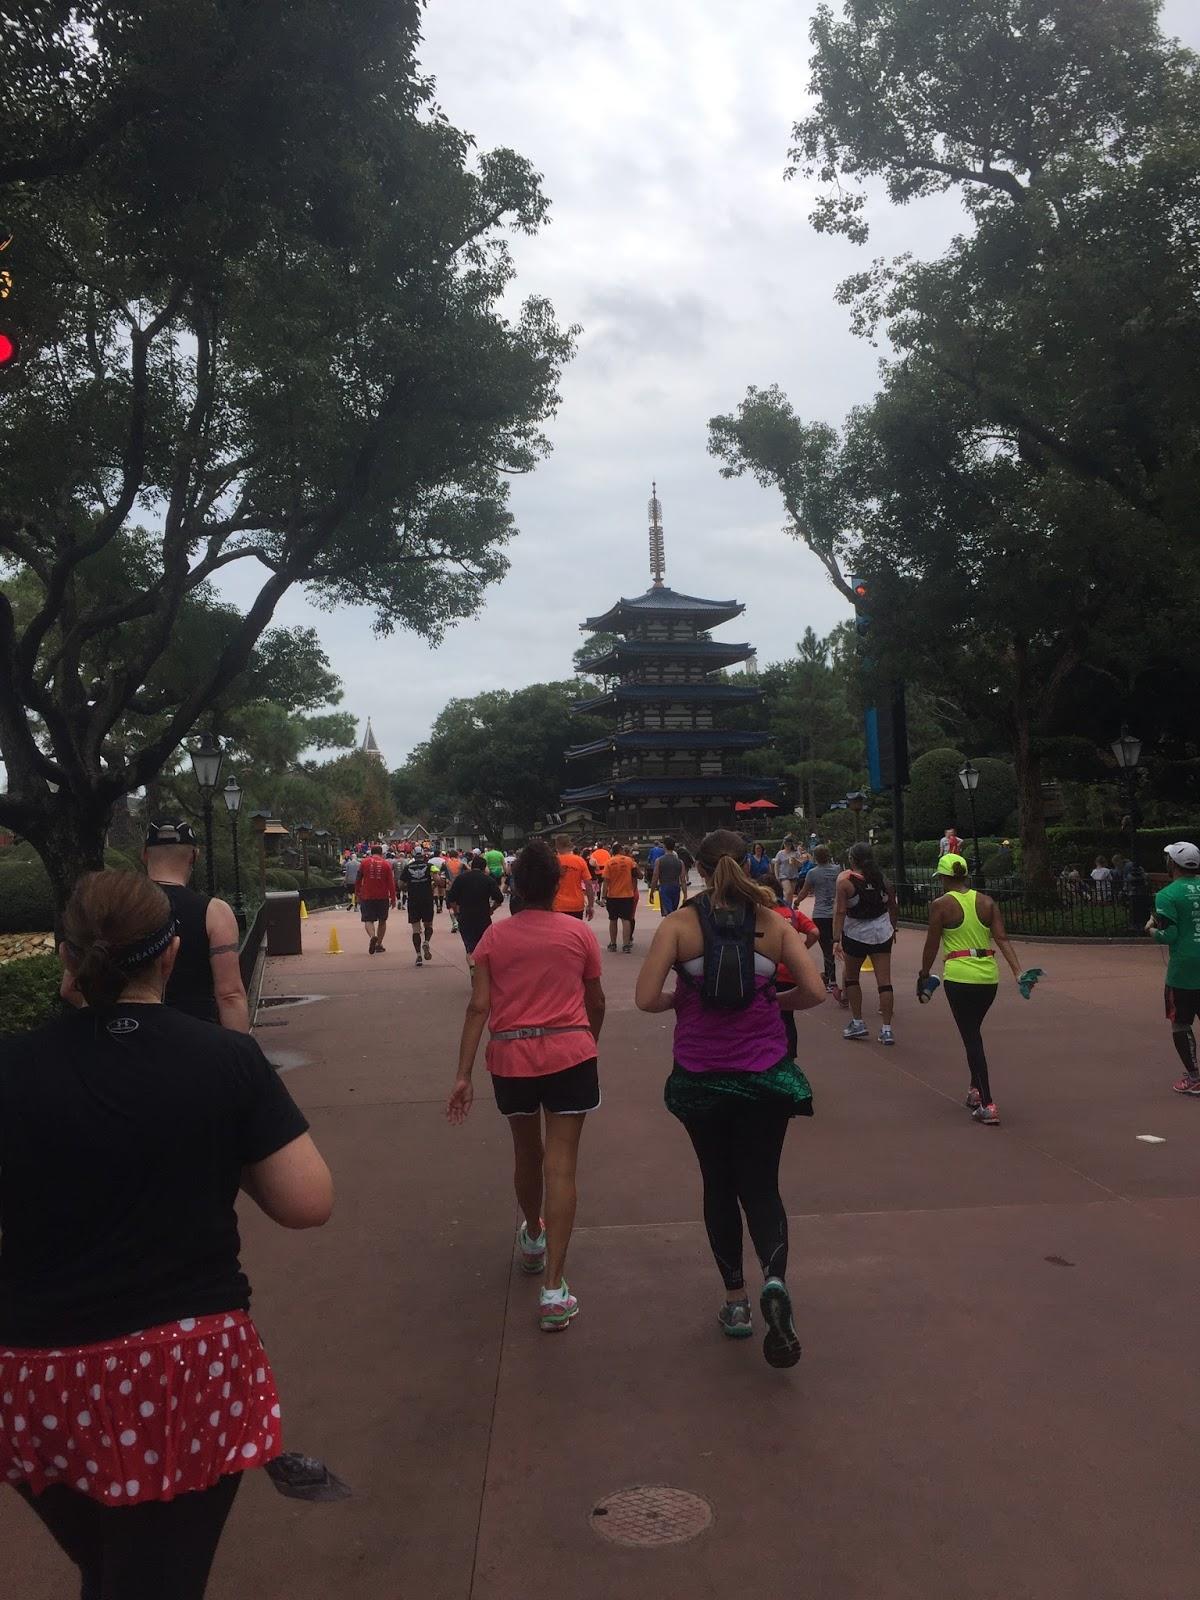 Dopey Challenge Mickey Marathon 2016 Walk Break in Epcot